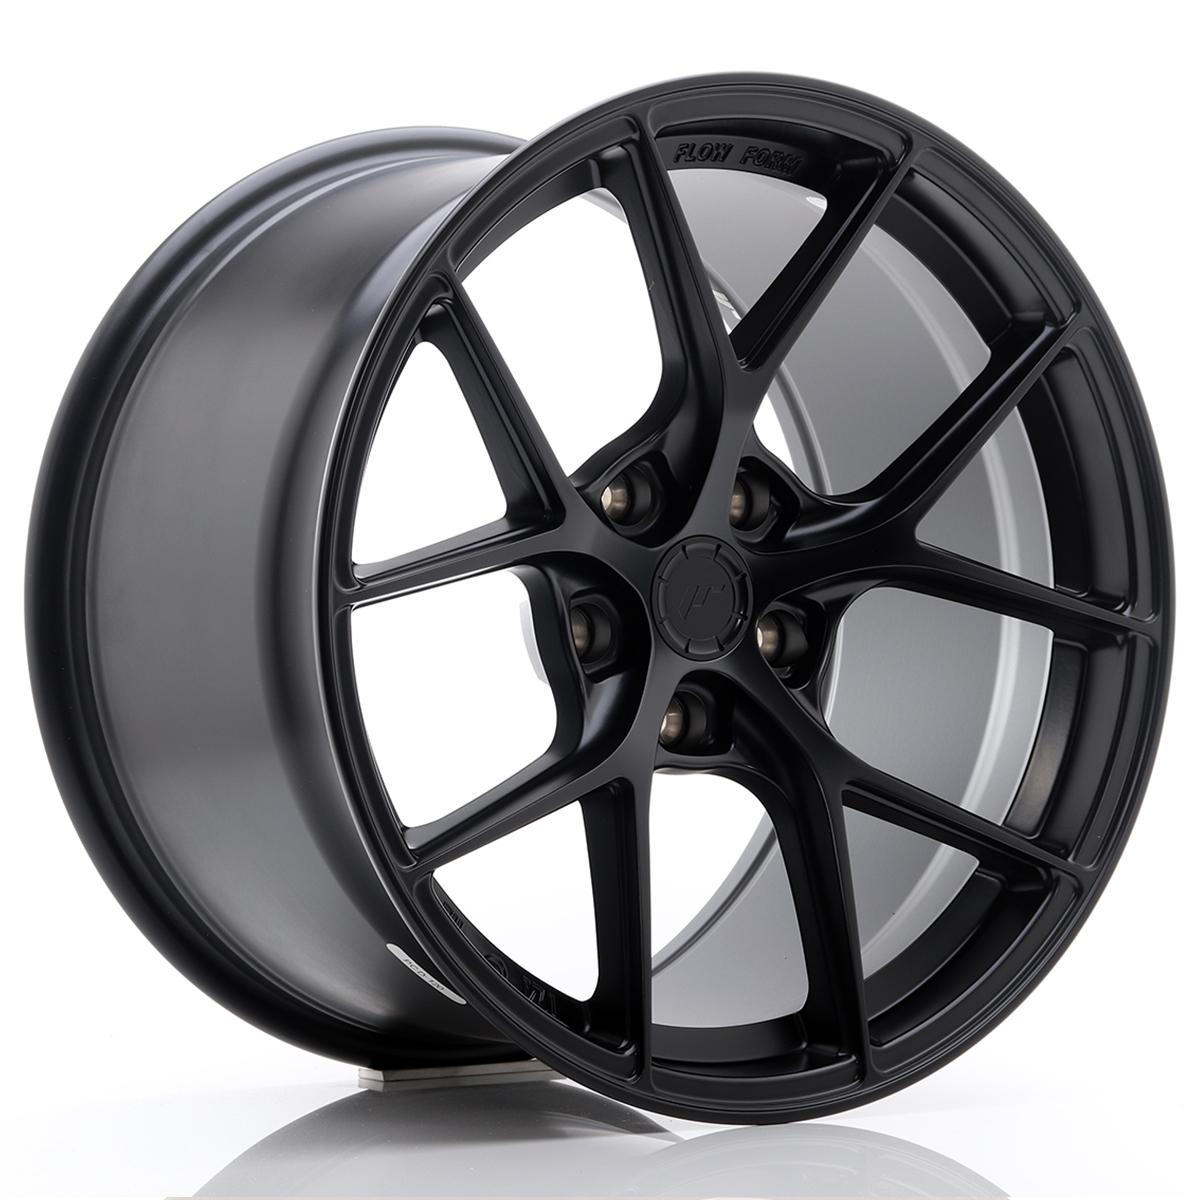 JR Wheels SL01 18x10, 5 ET25 5x120 Matt Black